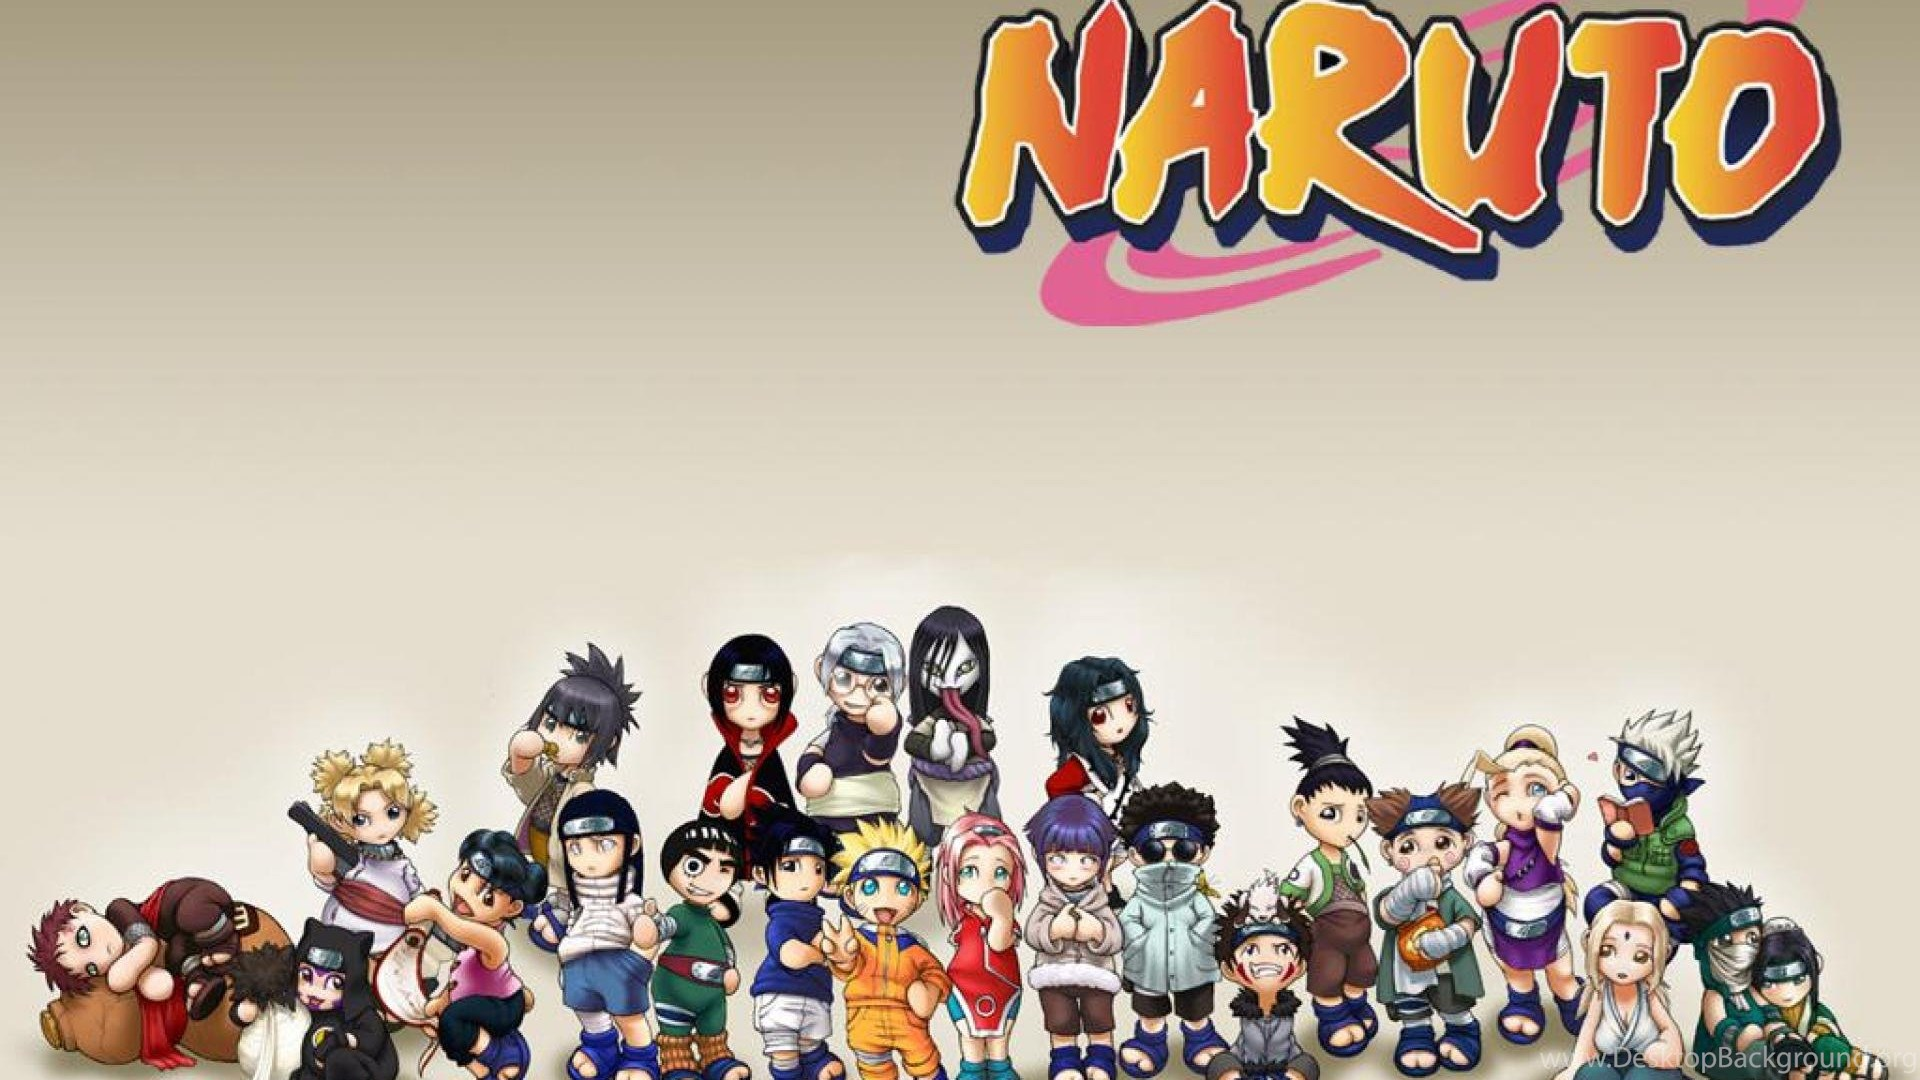 Image for Anime Chibi Naruto Wallpaper Free Desktop